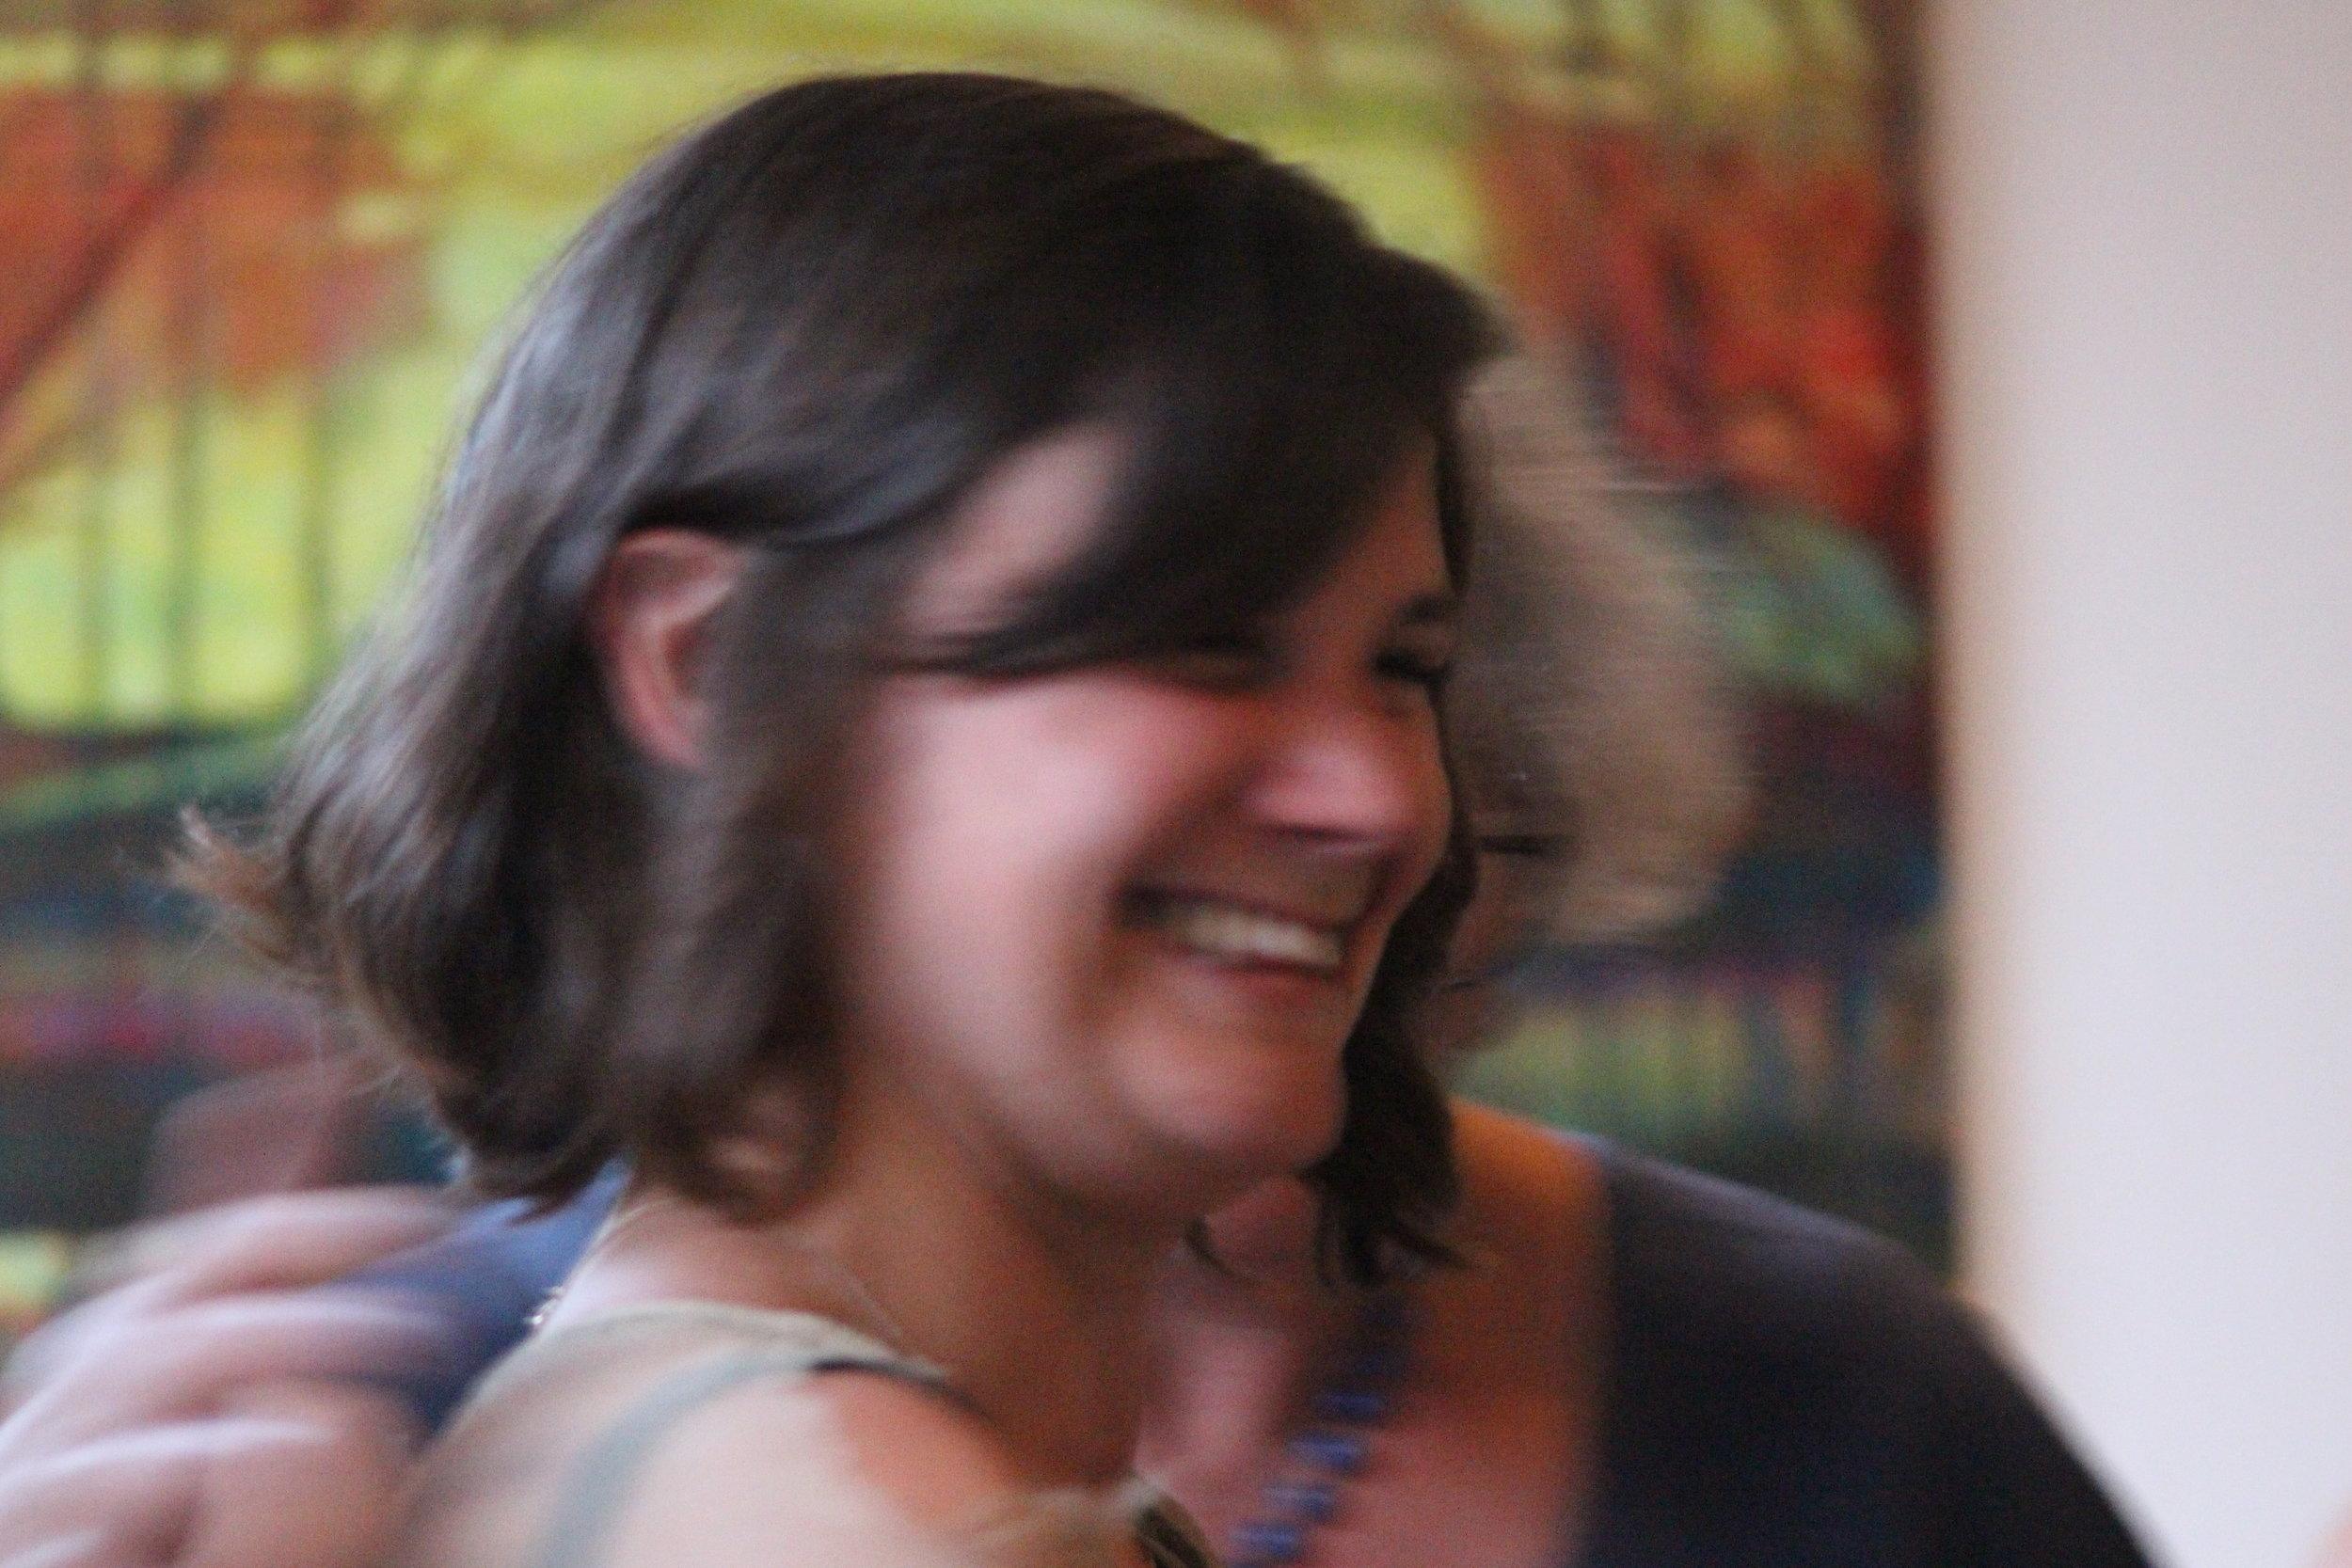 Ruth Holtom-Putz